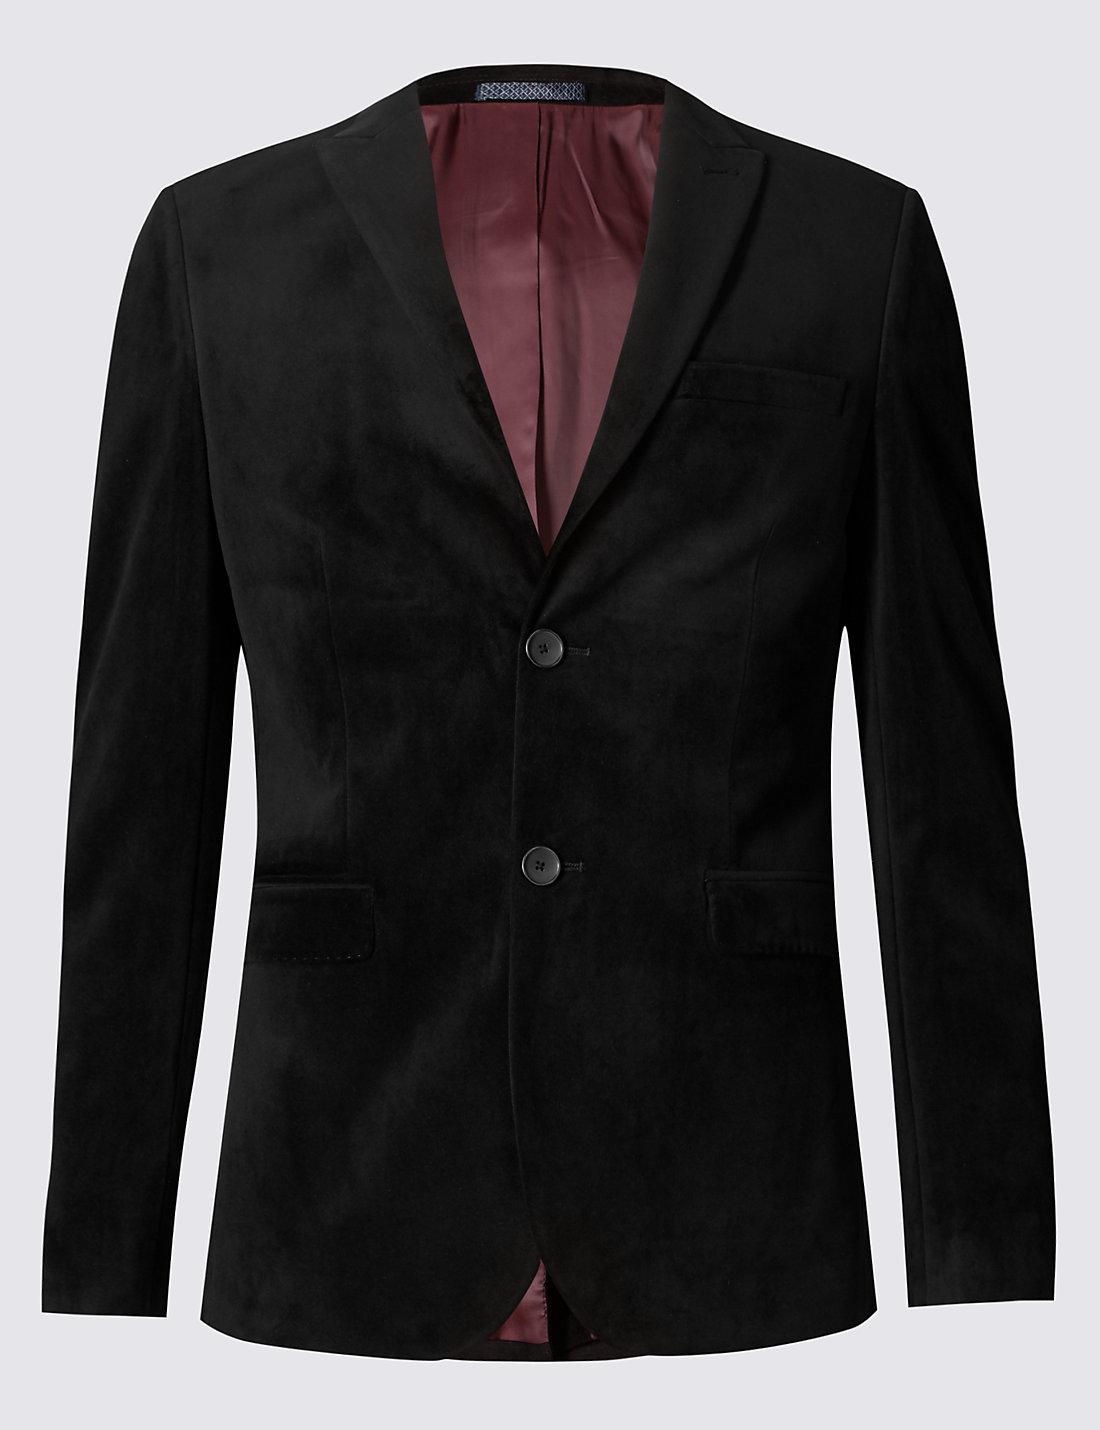 Mens jacket marks and spencer - Slim Fit Single Breasted Velvet Jacket